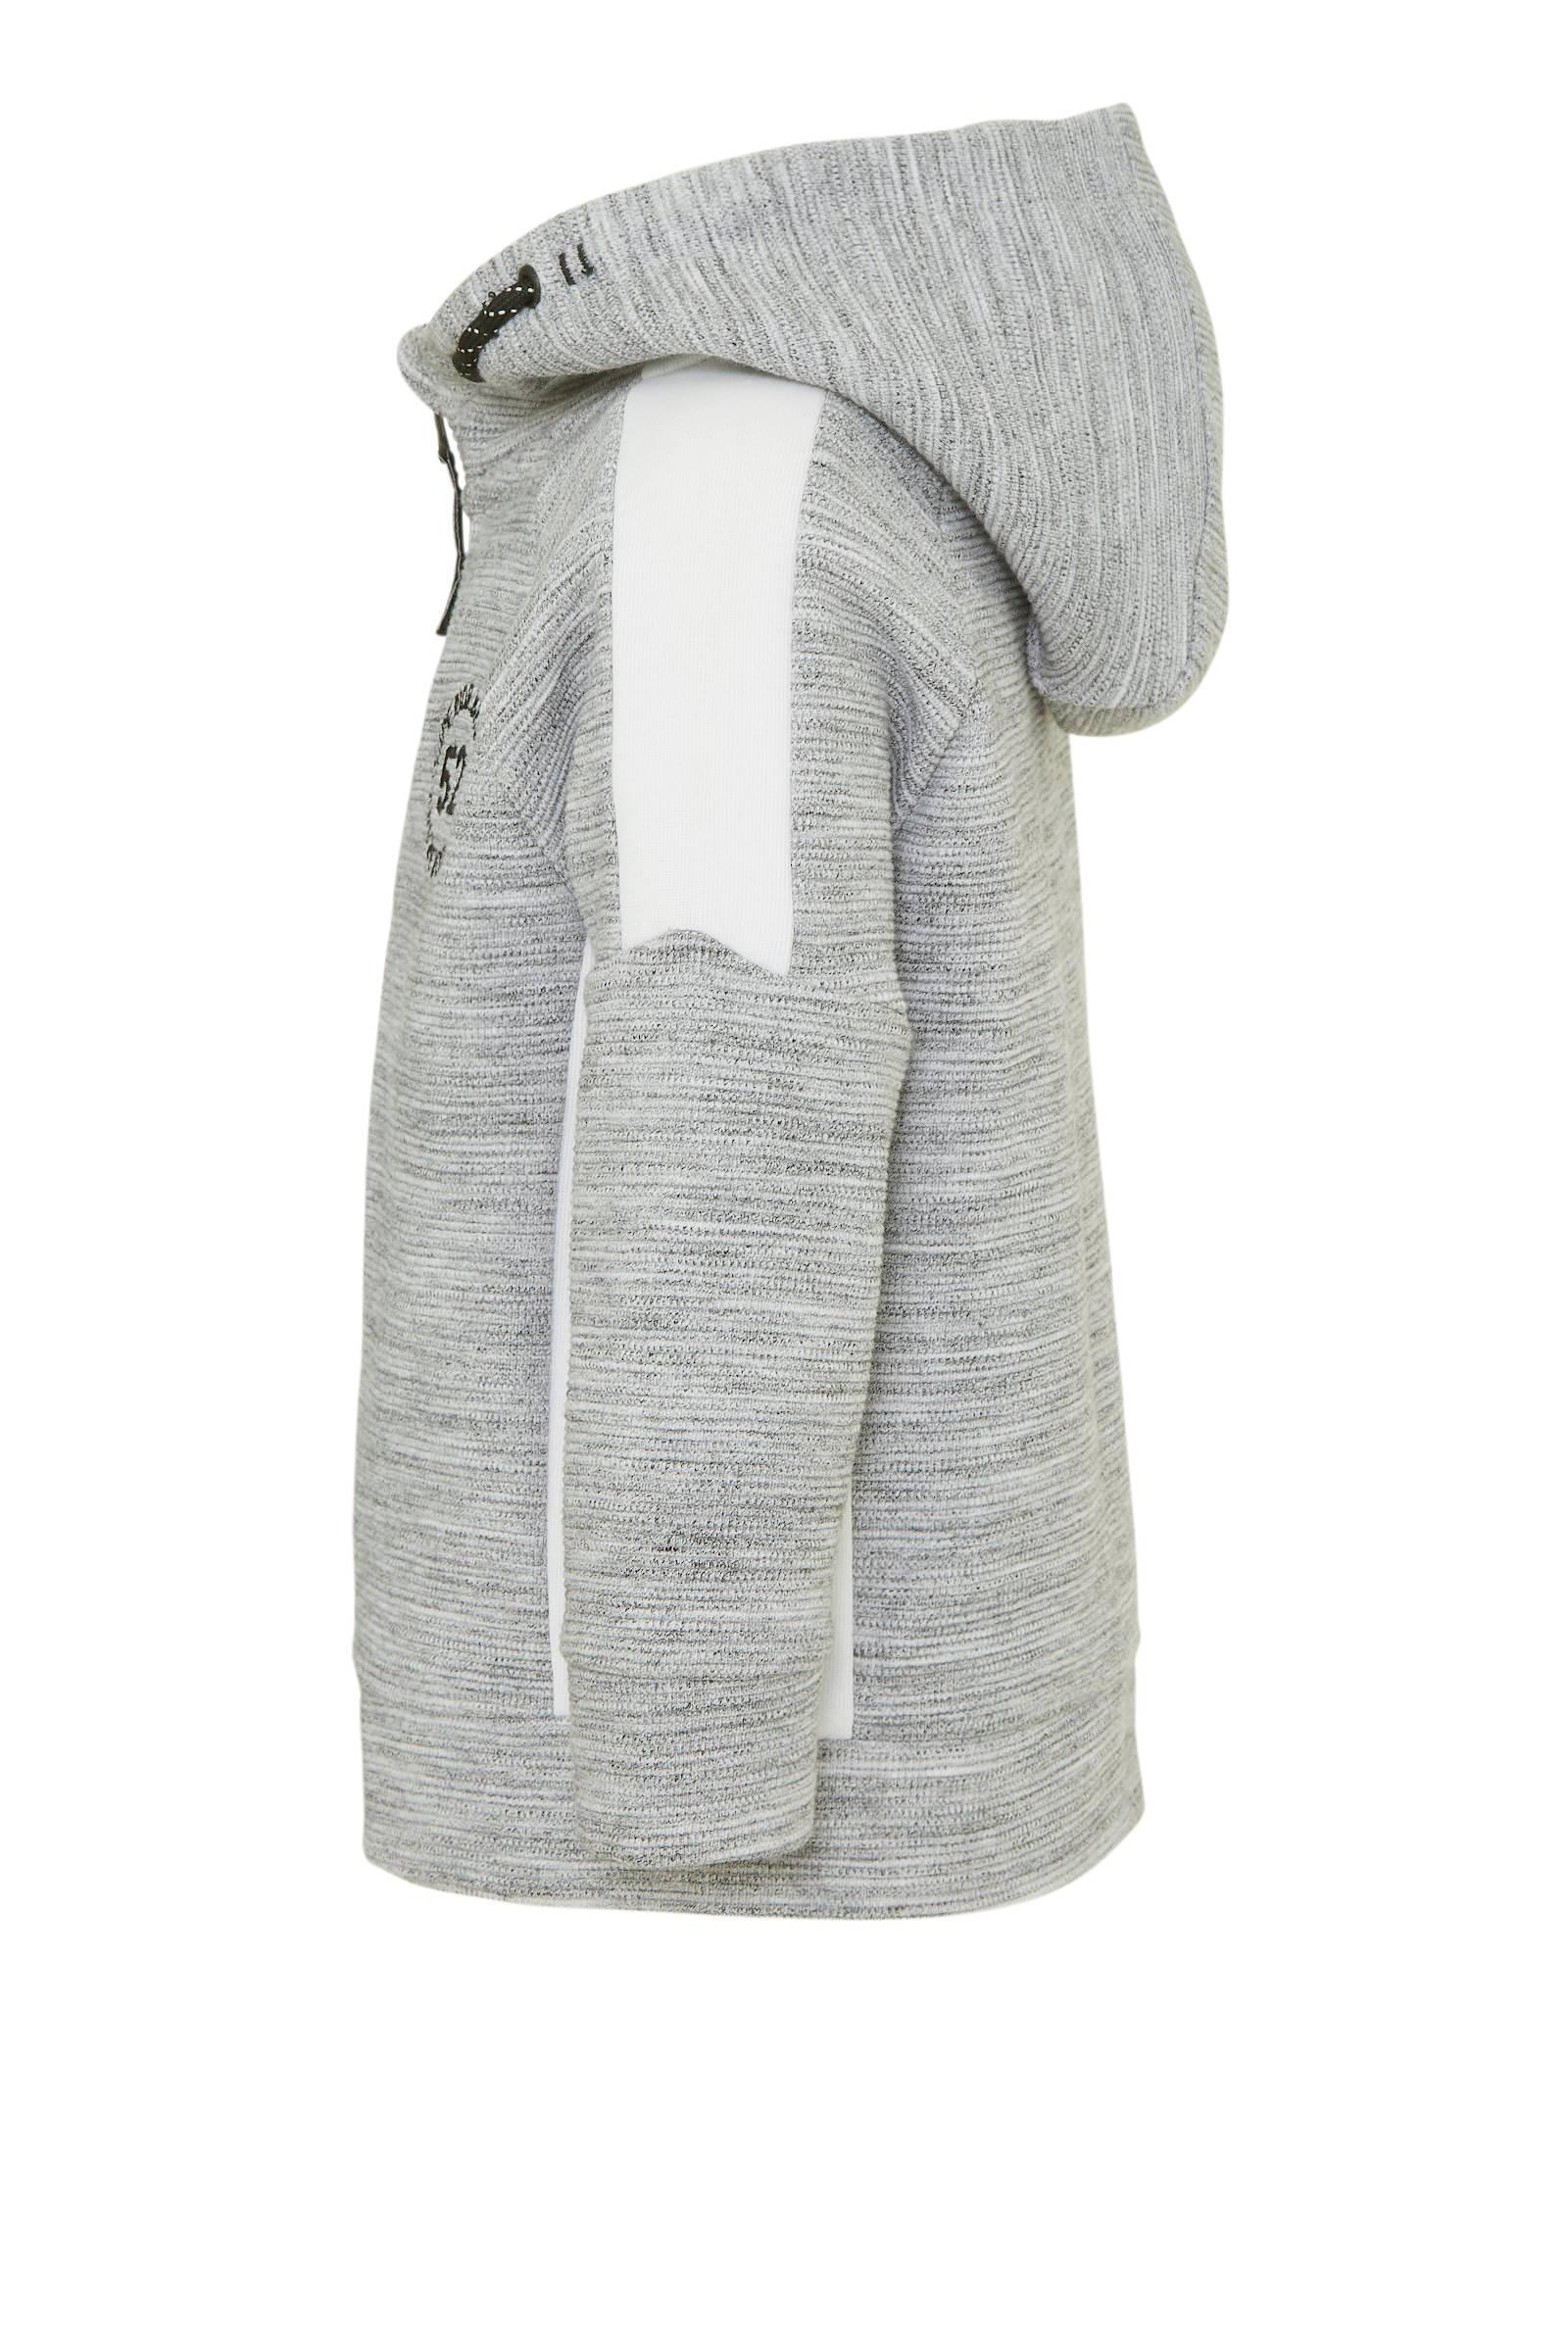 C&A Palomino vest met borduursels lichtgrijszwartwit | wehkamp